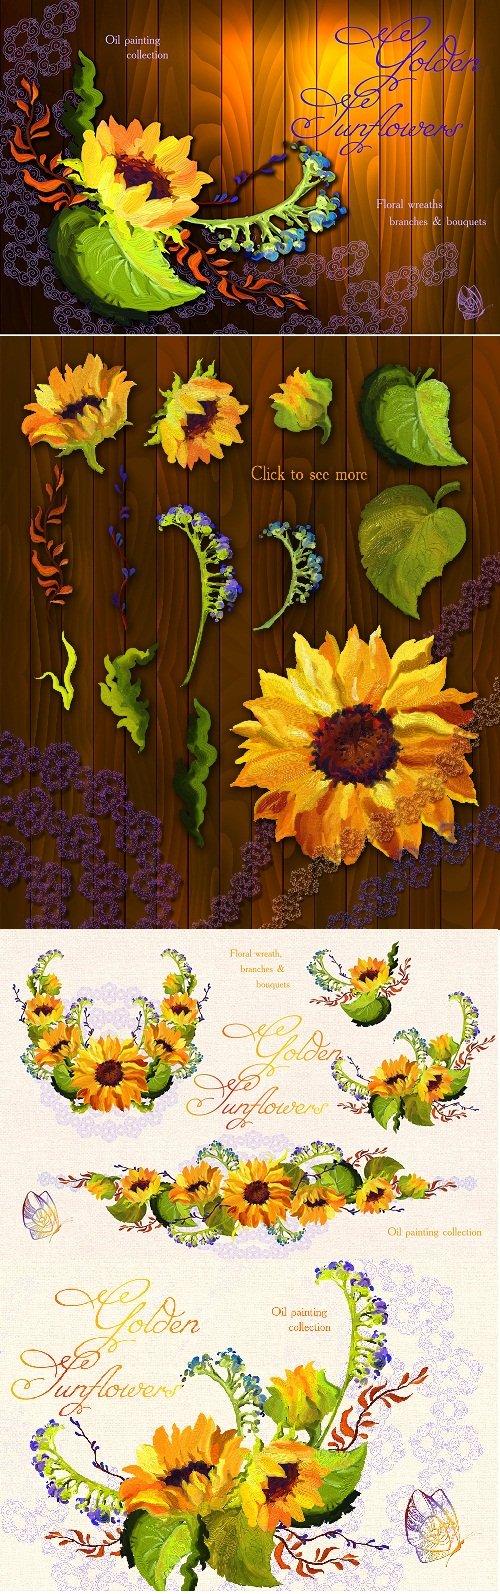 Golden Sunflower Oil Painting - 15710